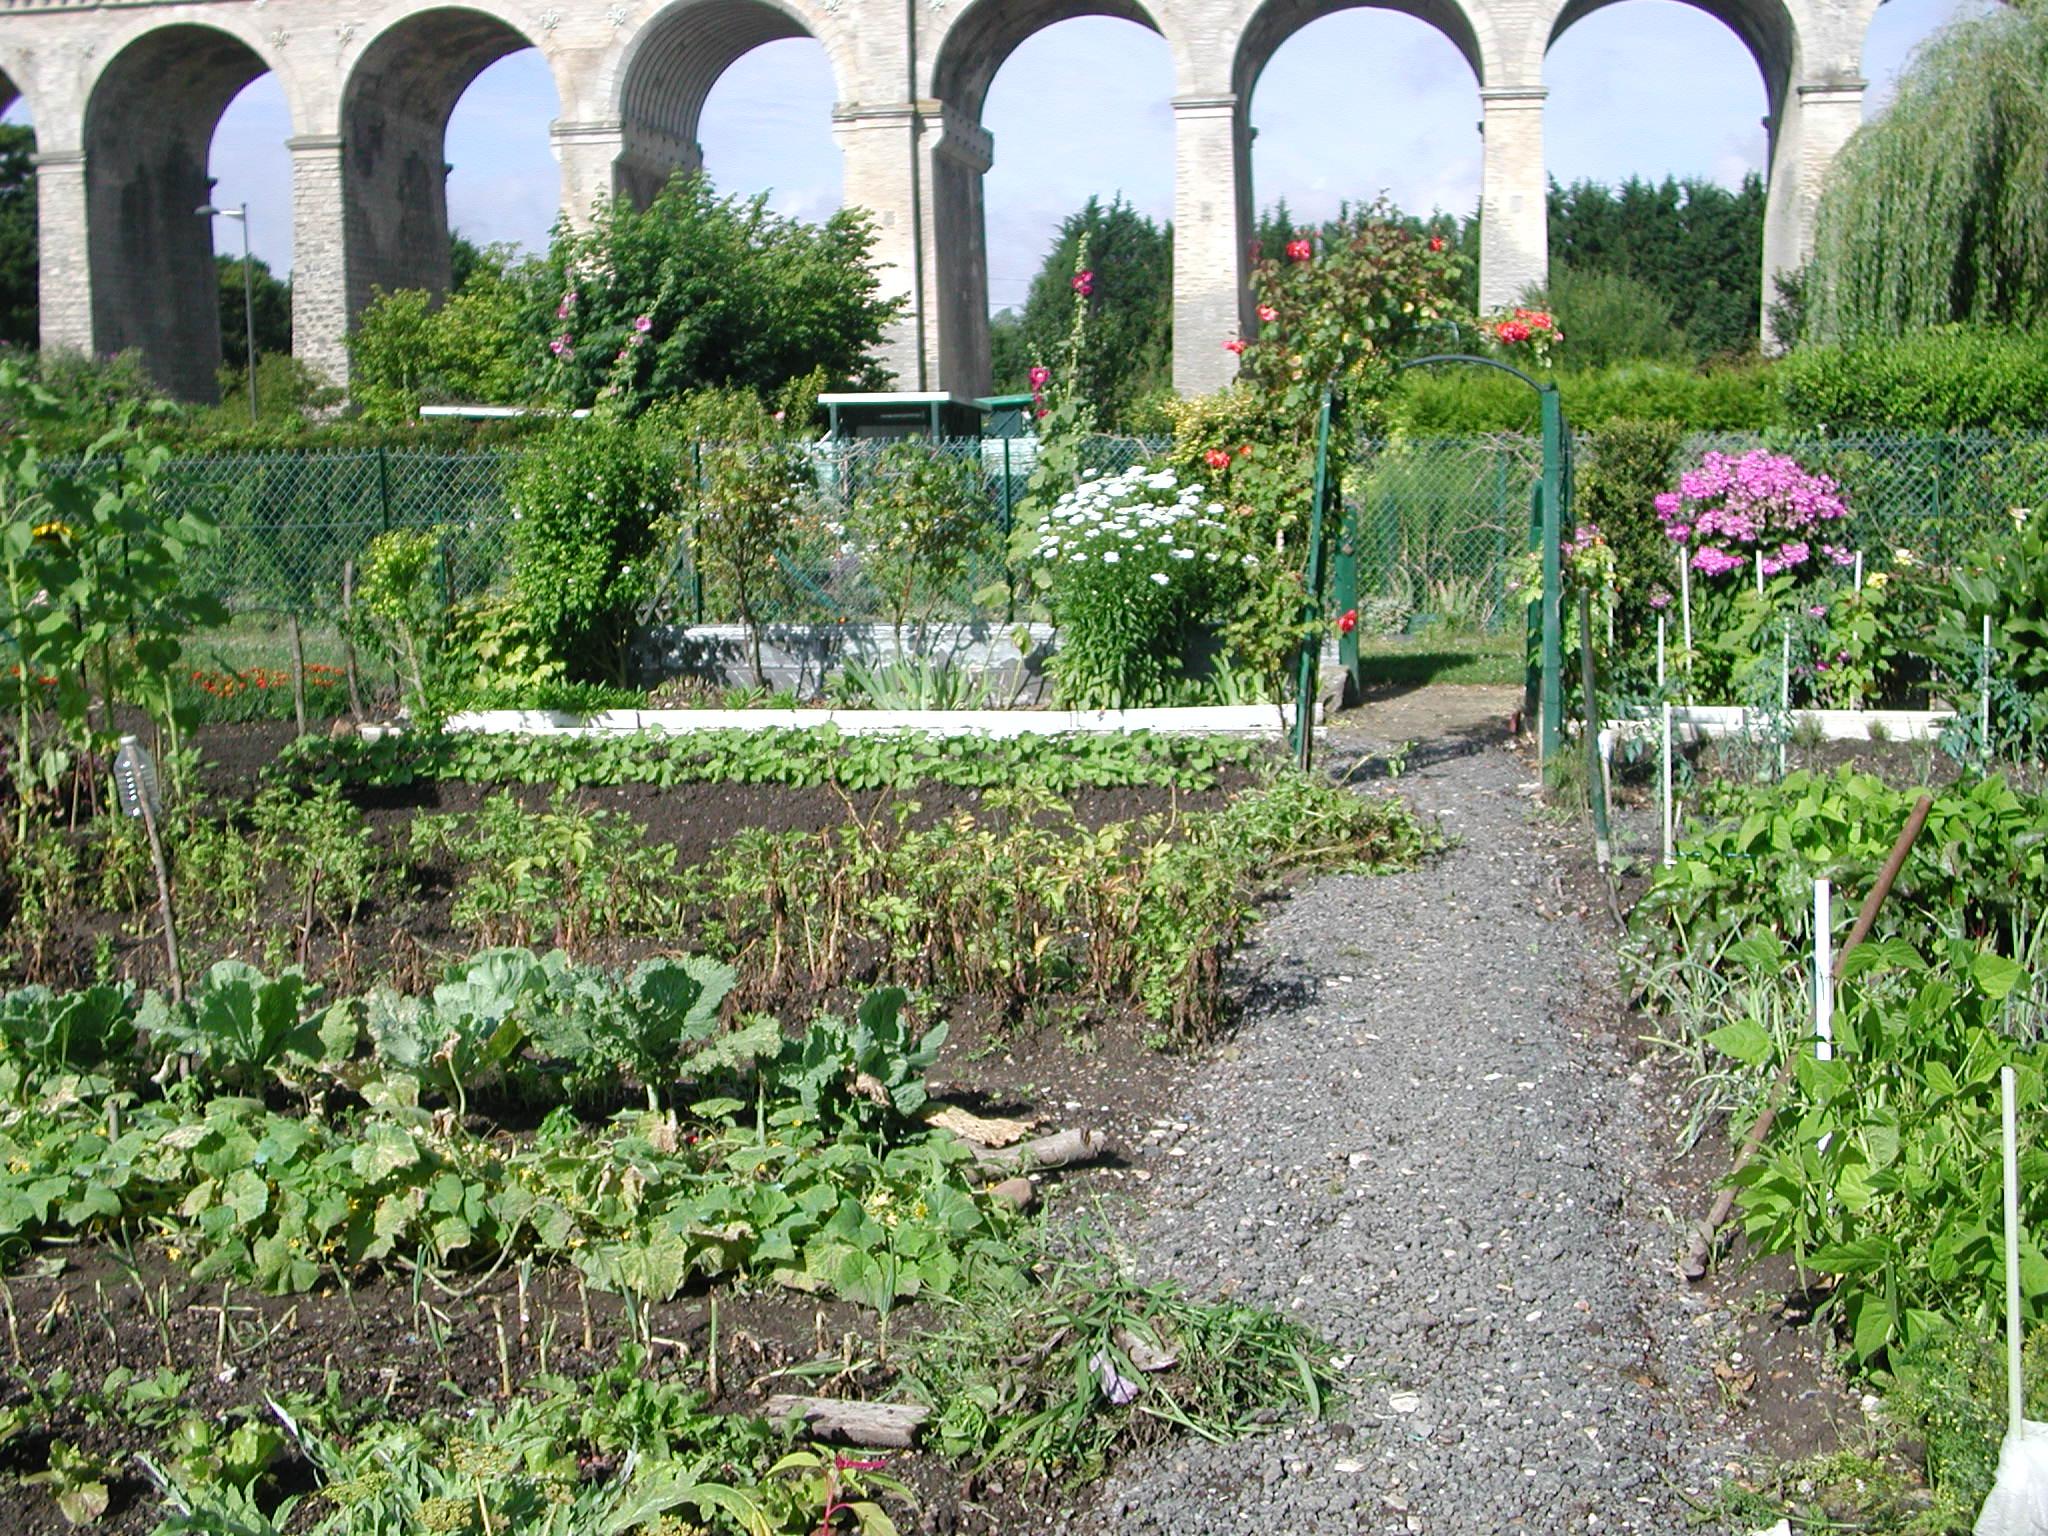 Les jardins de chantilly jardins familiaux de chantilly for Jardin familiaux